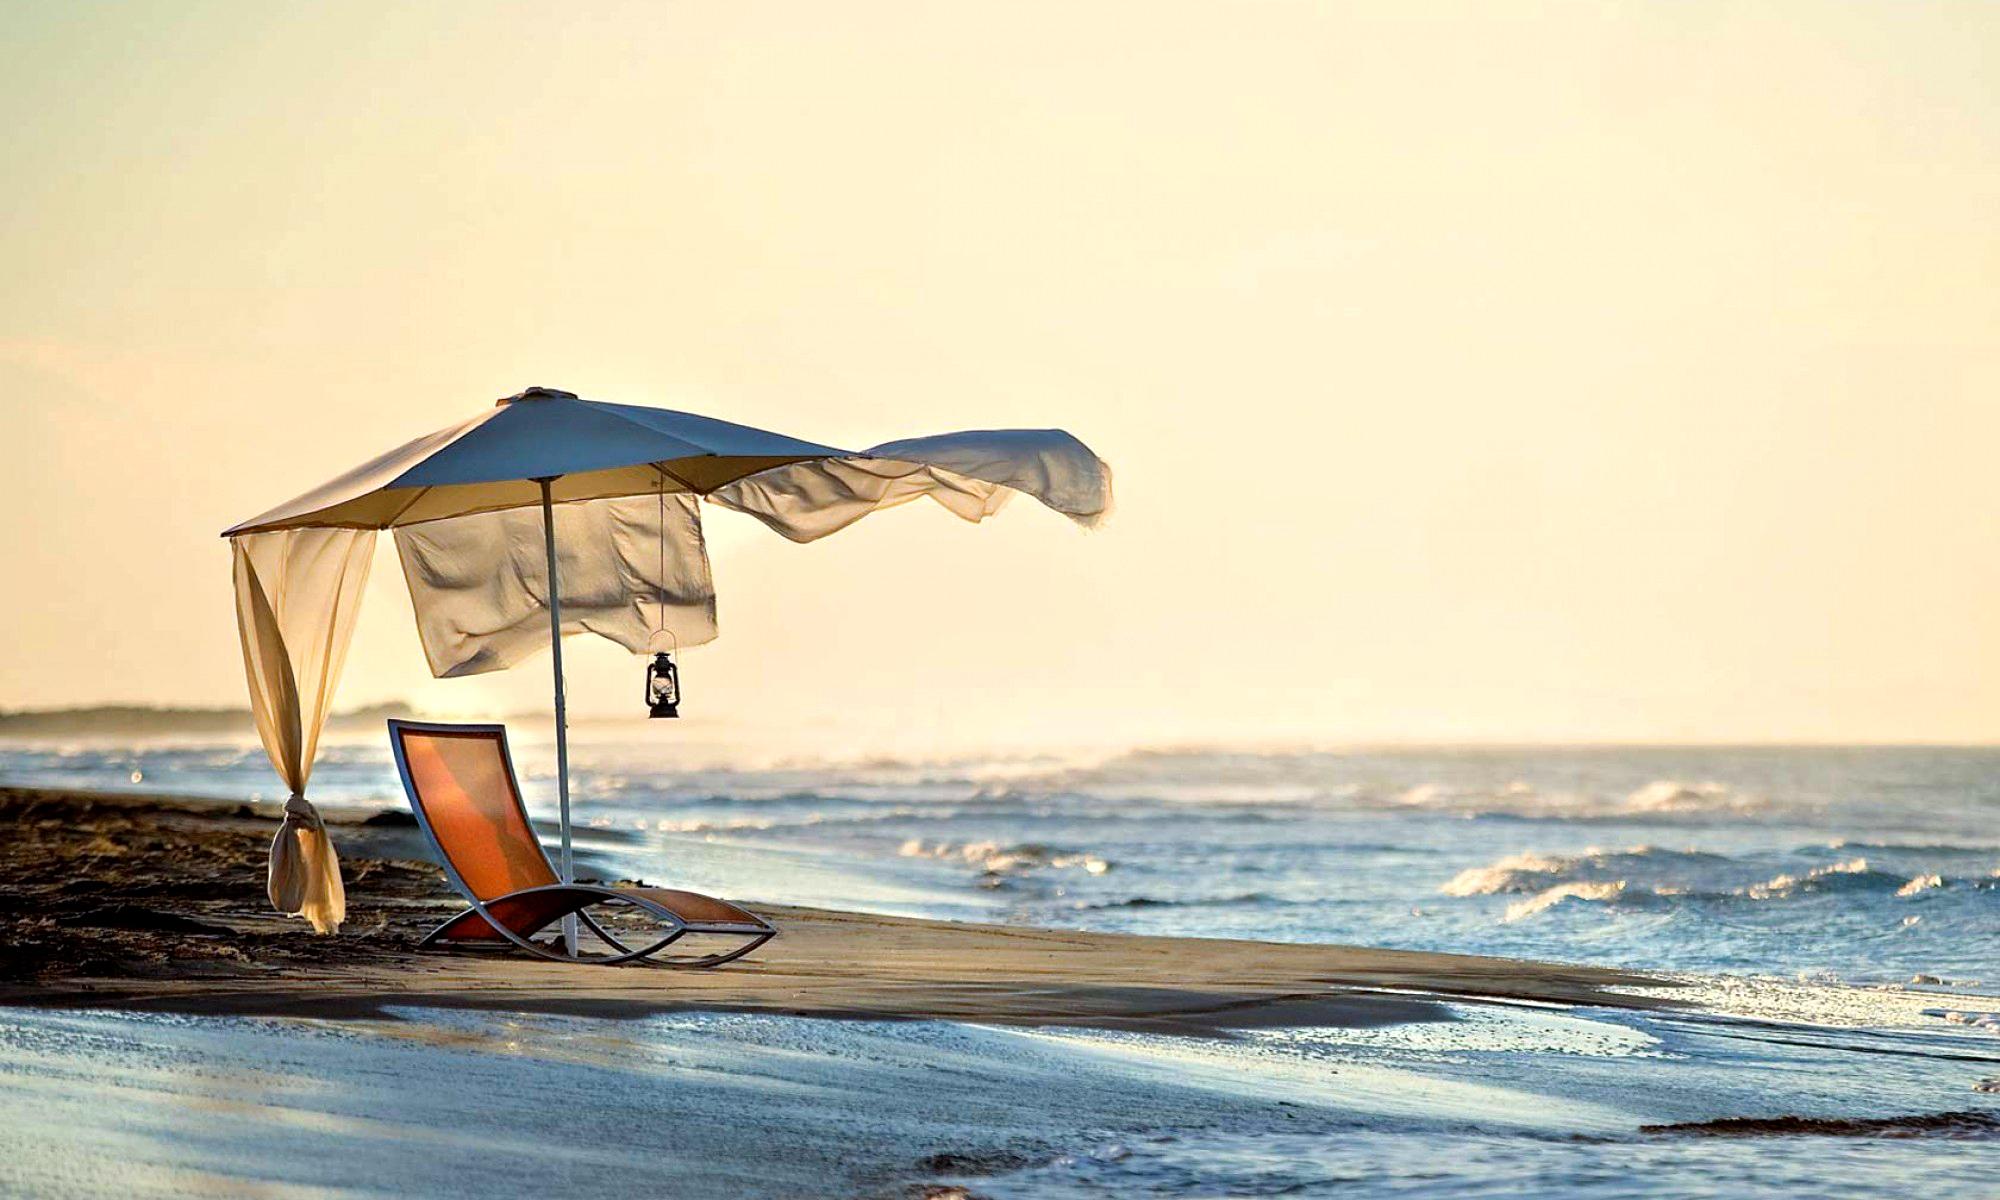 Желтый зонтик, шезлонг, море  № 1938158  скачать